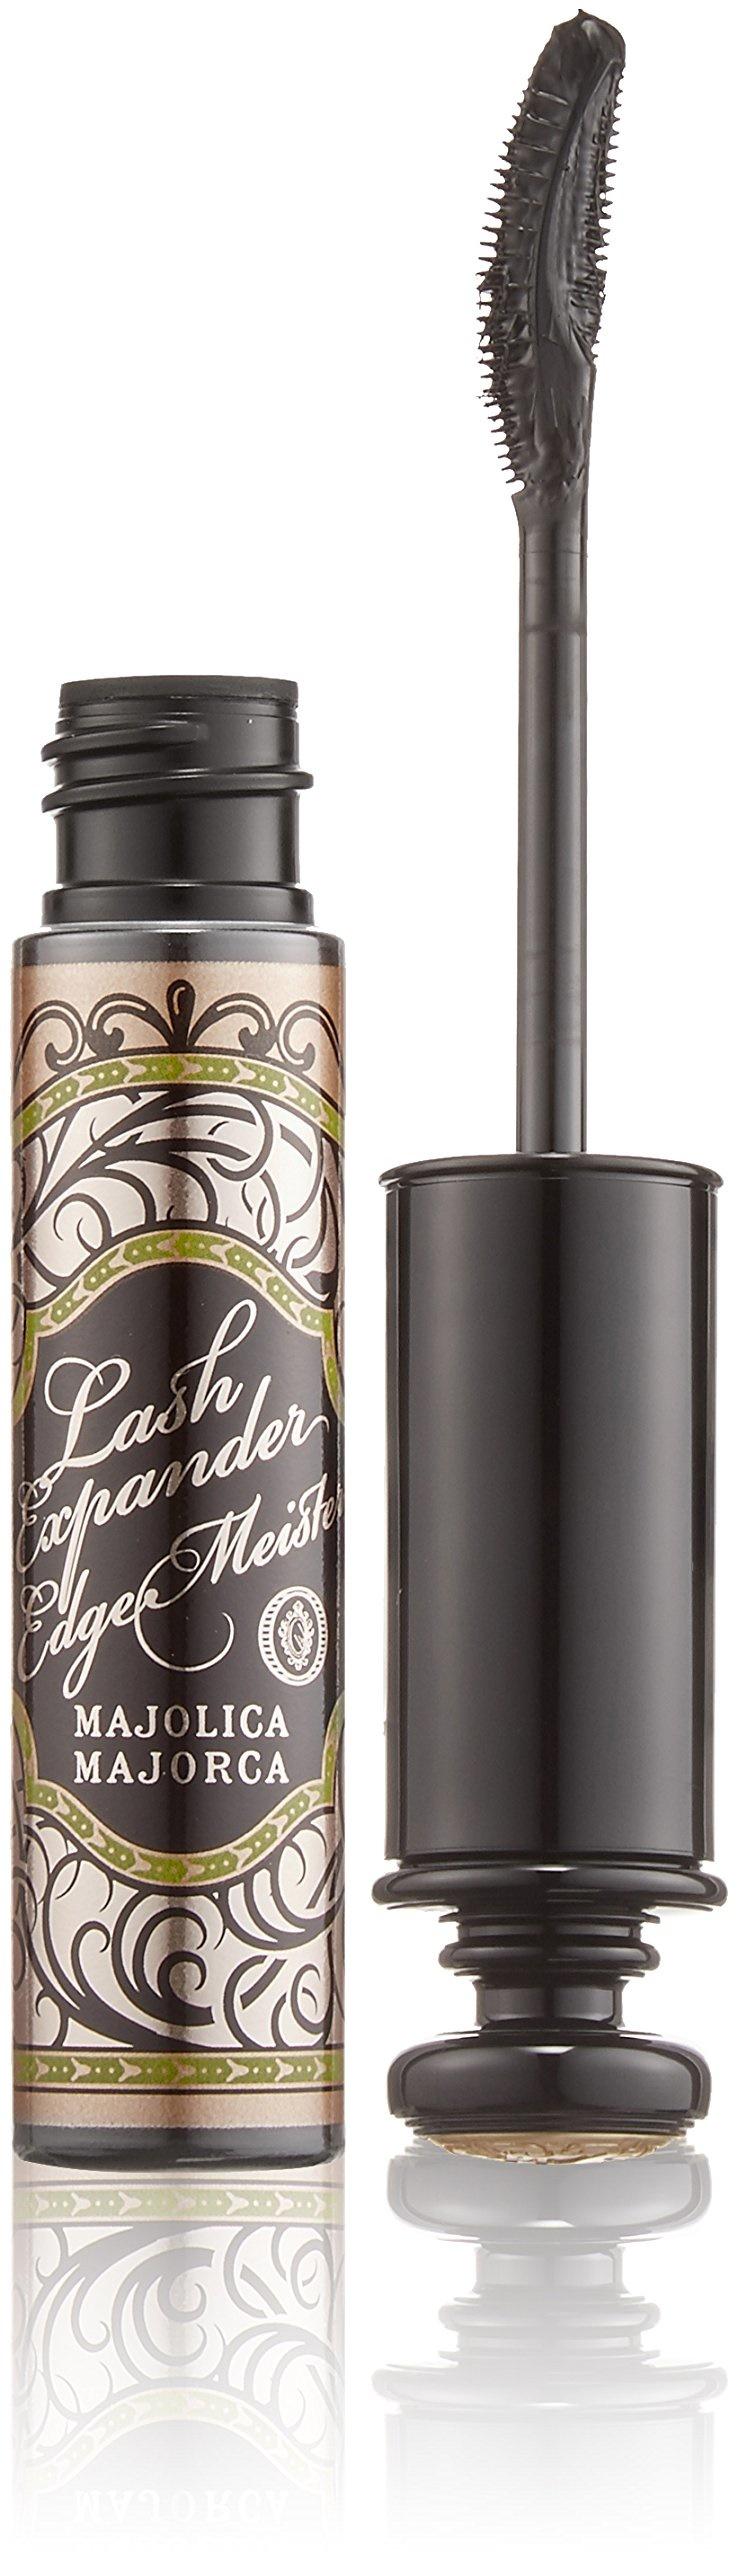 e4d386953b6 actual size. prev next. Shiseido Majolica Majorca Lash Expander Edge Meister  Japan Mascara Black F Bk999